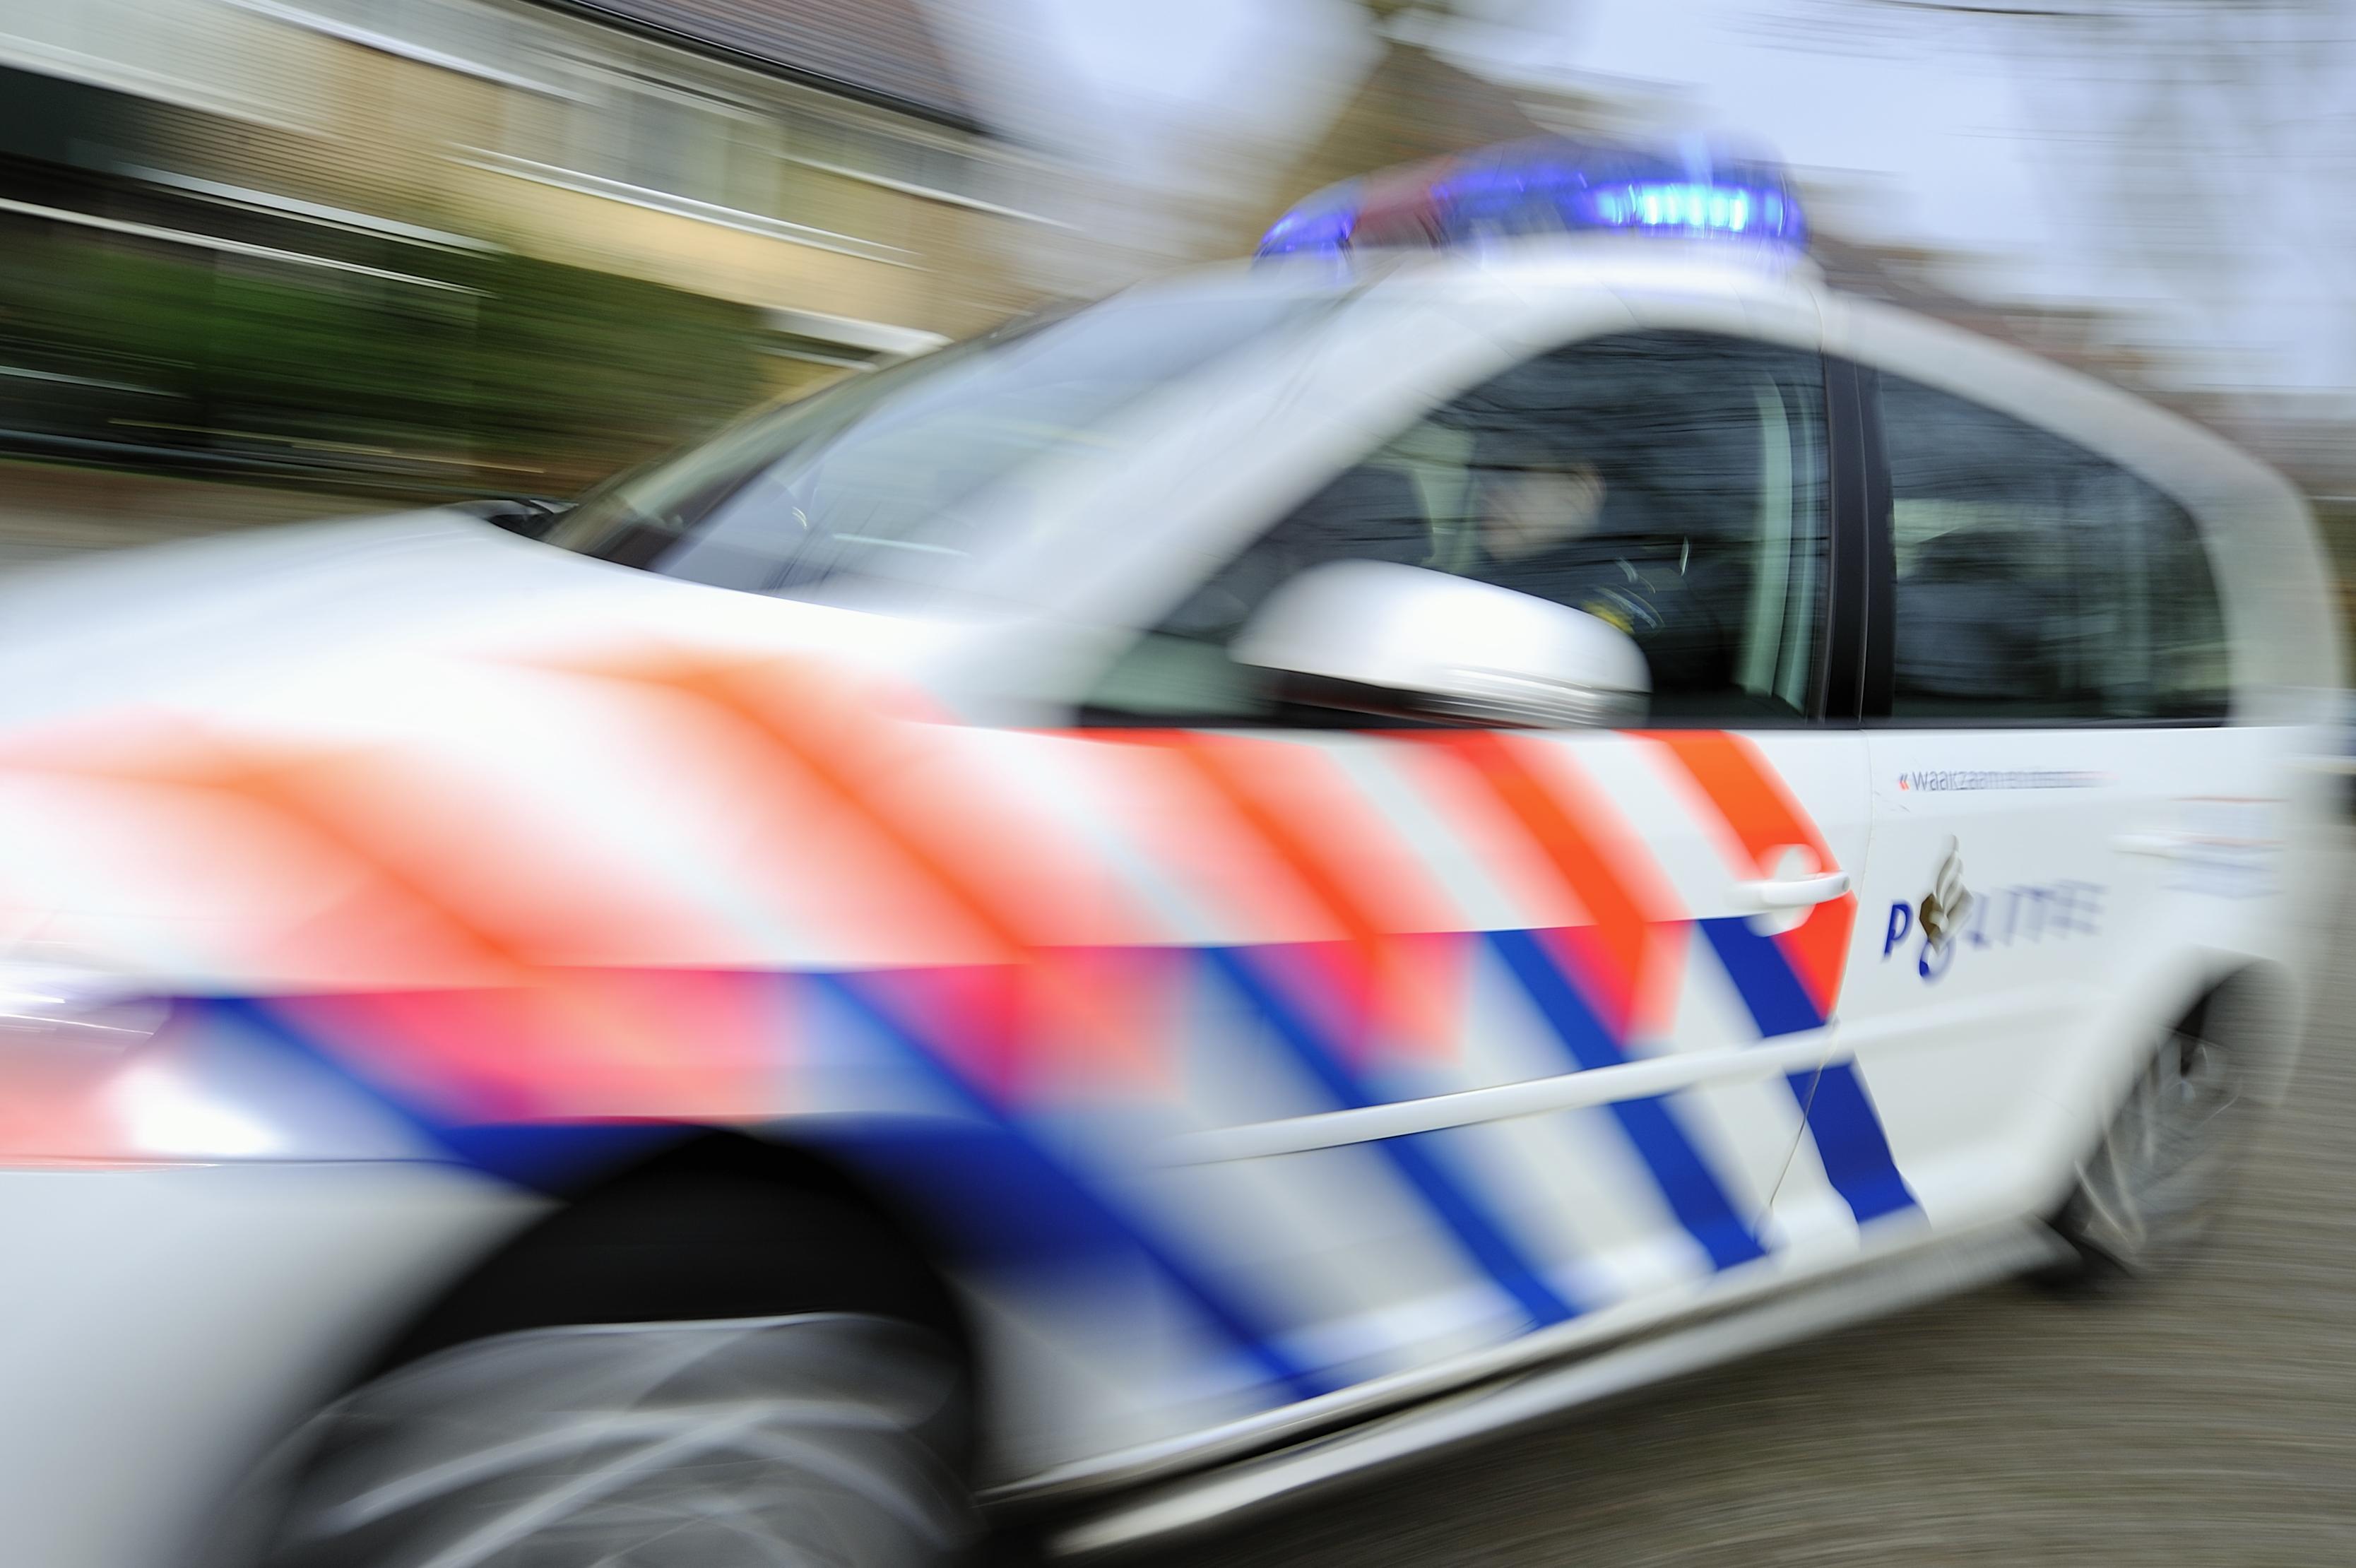 Van zeker drie auto's zijn de spiegels vernield. Politie zoekt getuigen van vernielingen in omgeving van Korvetstraat in Den Helder